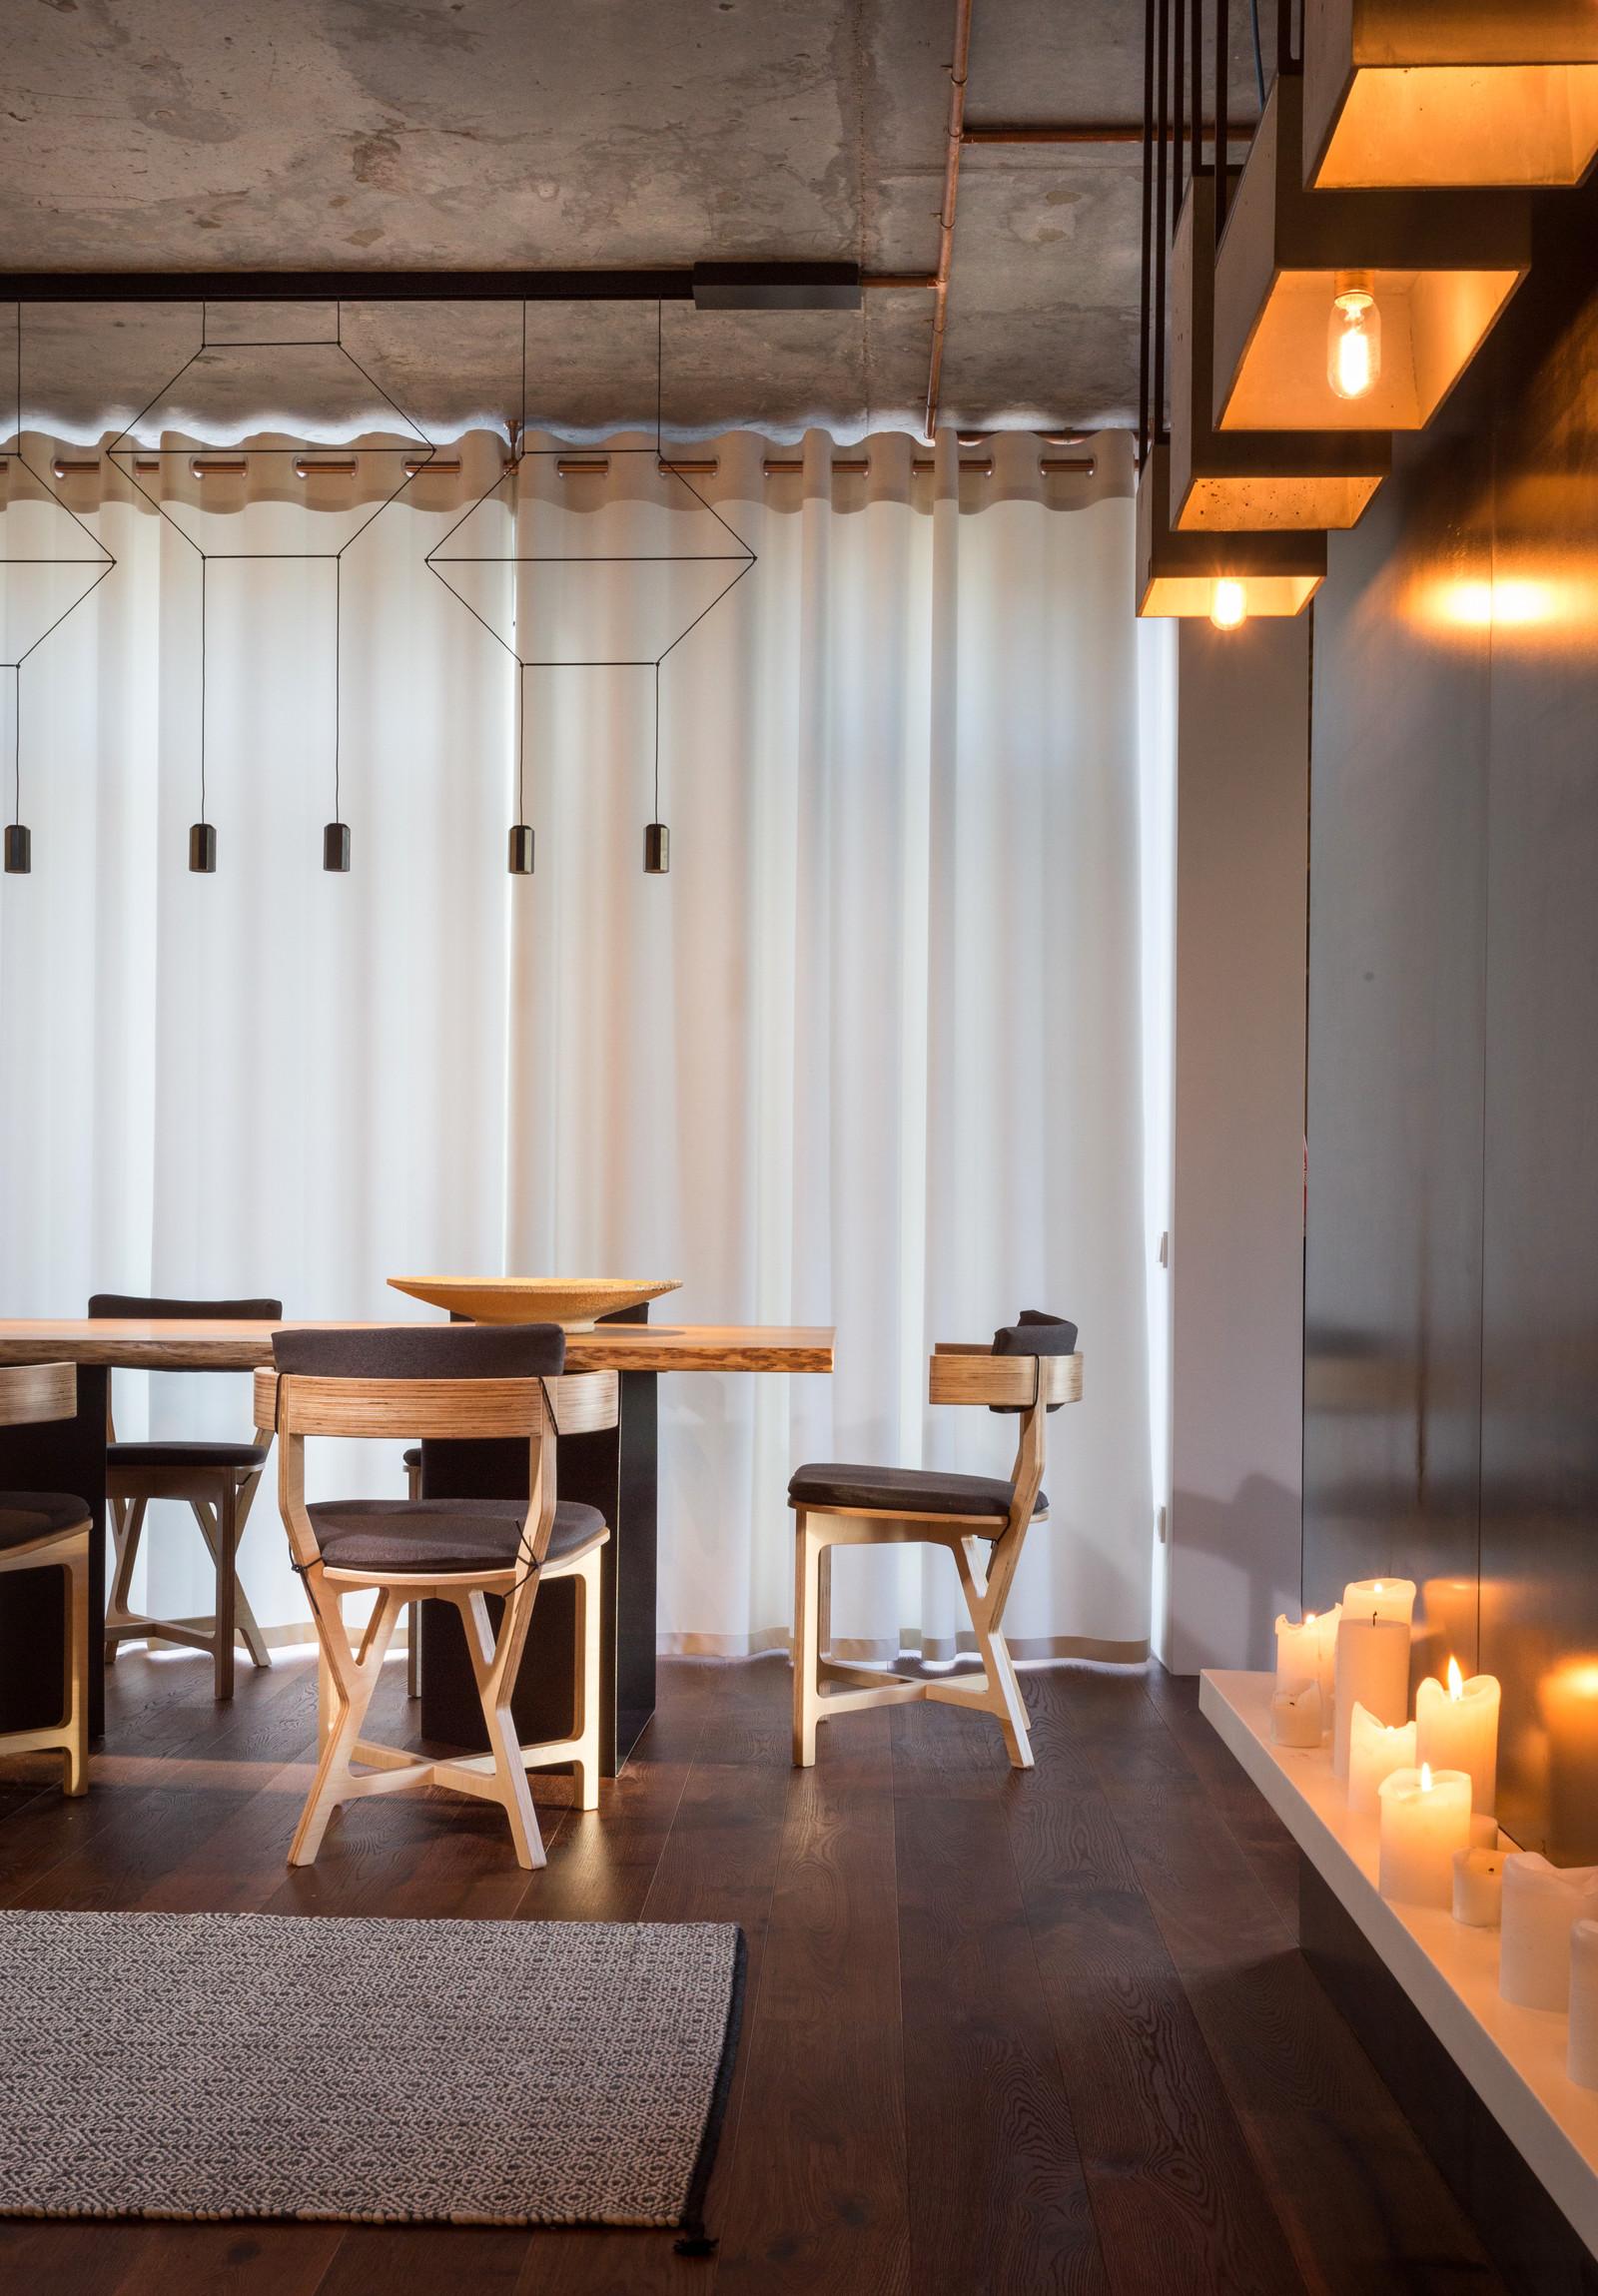 Apartment-design-just3ds.com-24